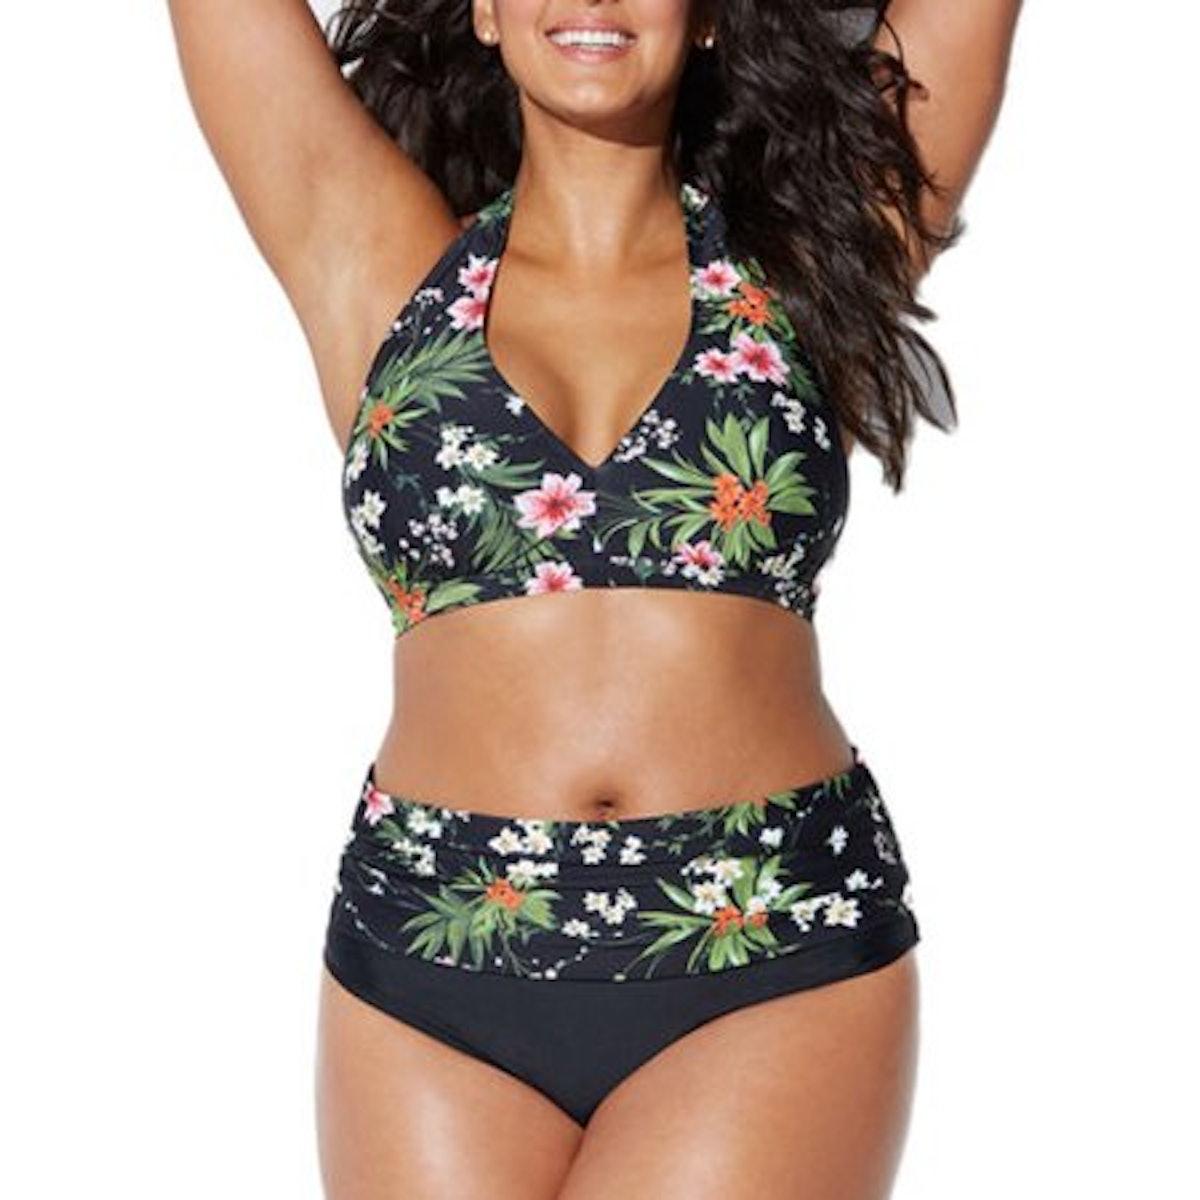 Women Plus Size Bikini Set Two Piece Push Up Padded High Waist Swimsuit